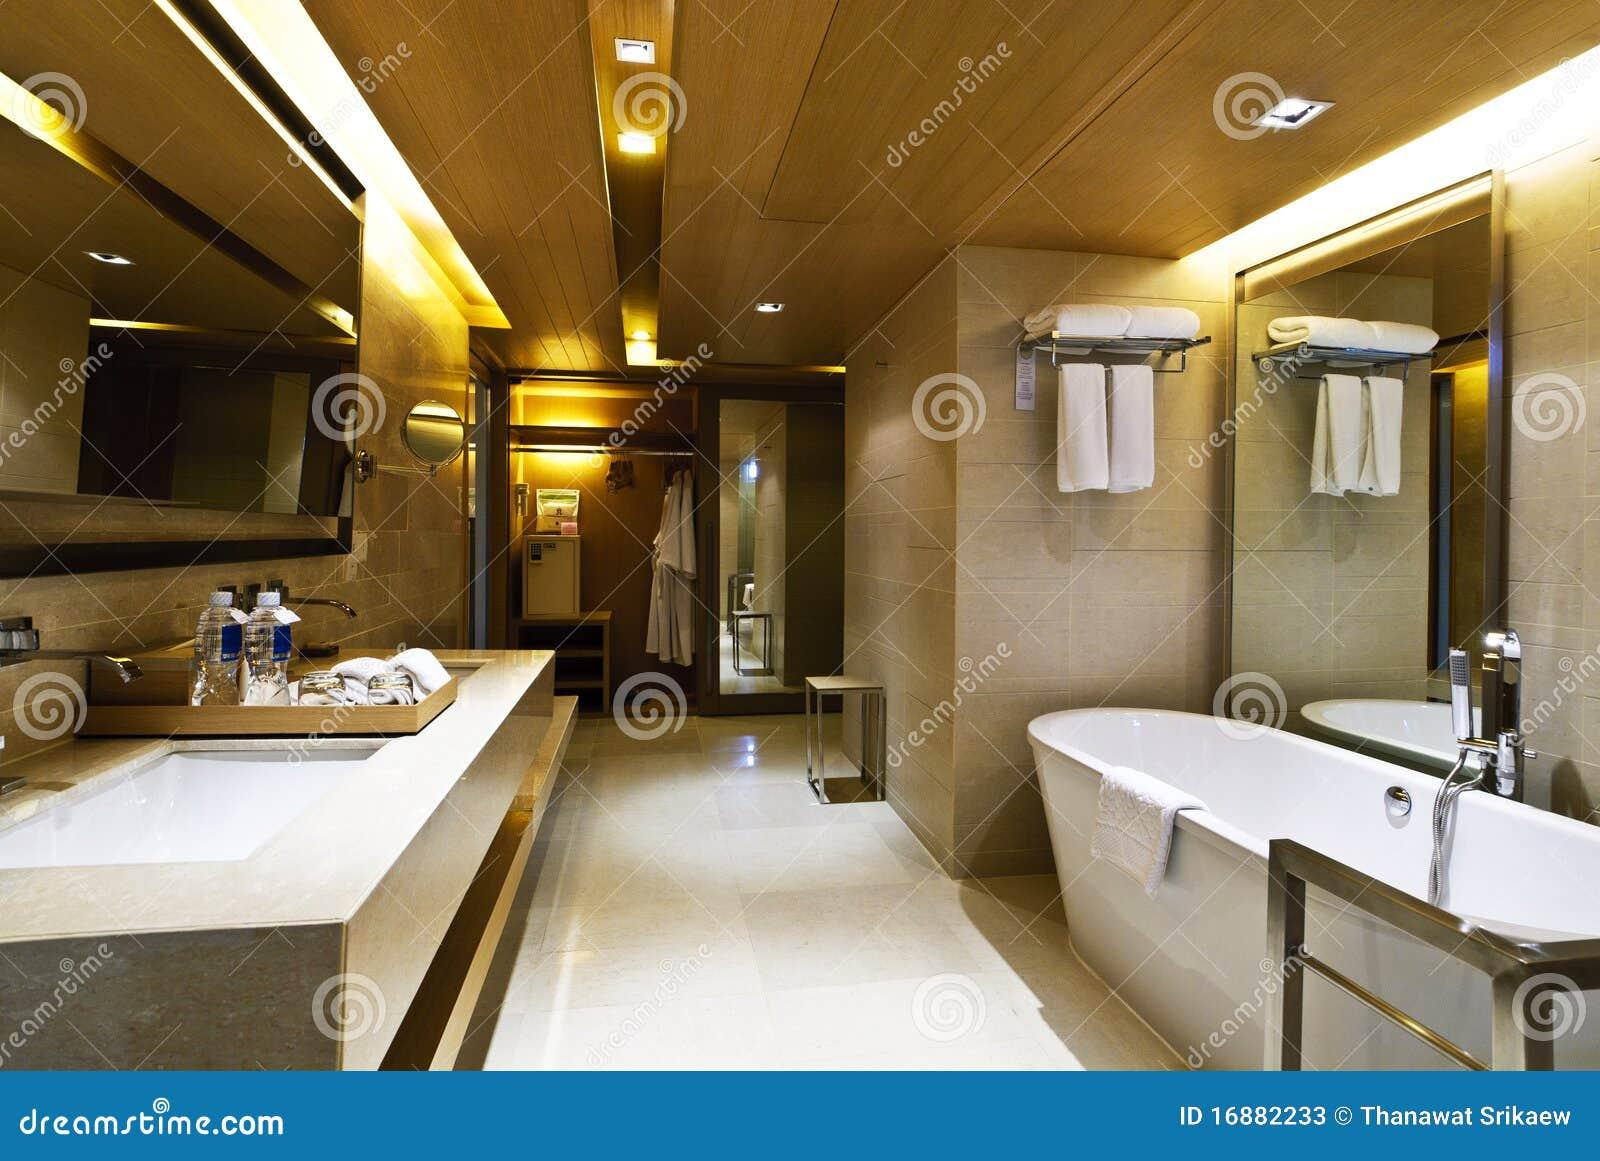 badezimmer hotel stockbild bild von architektur urspr nglich 16882233. Black Bedroom Furniture Sets. Home Design Ideas